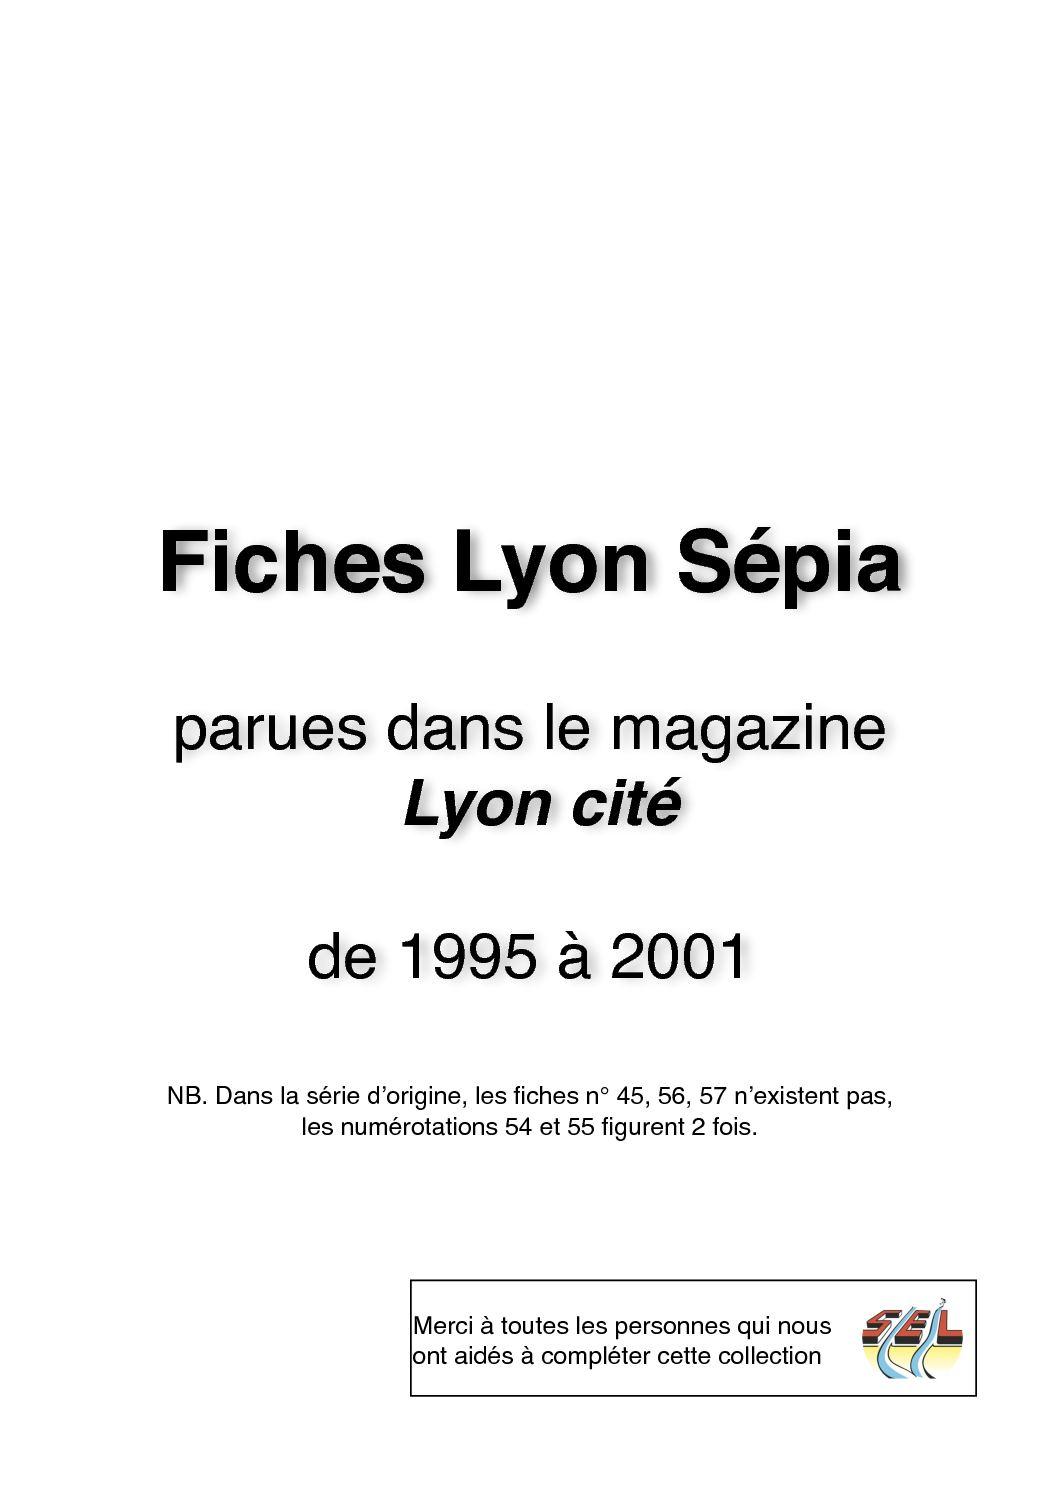 Fiches Lyon Sépia